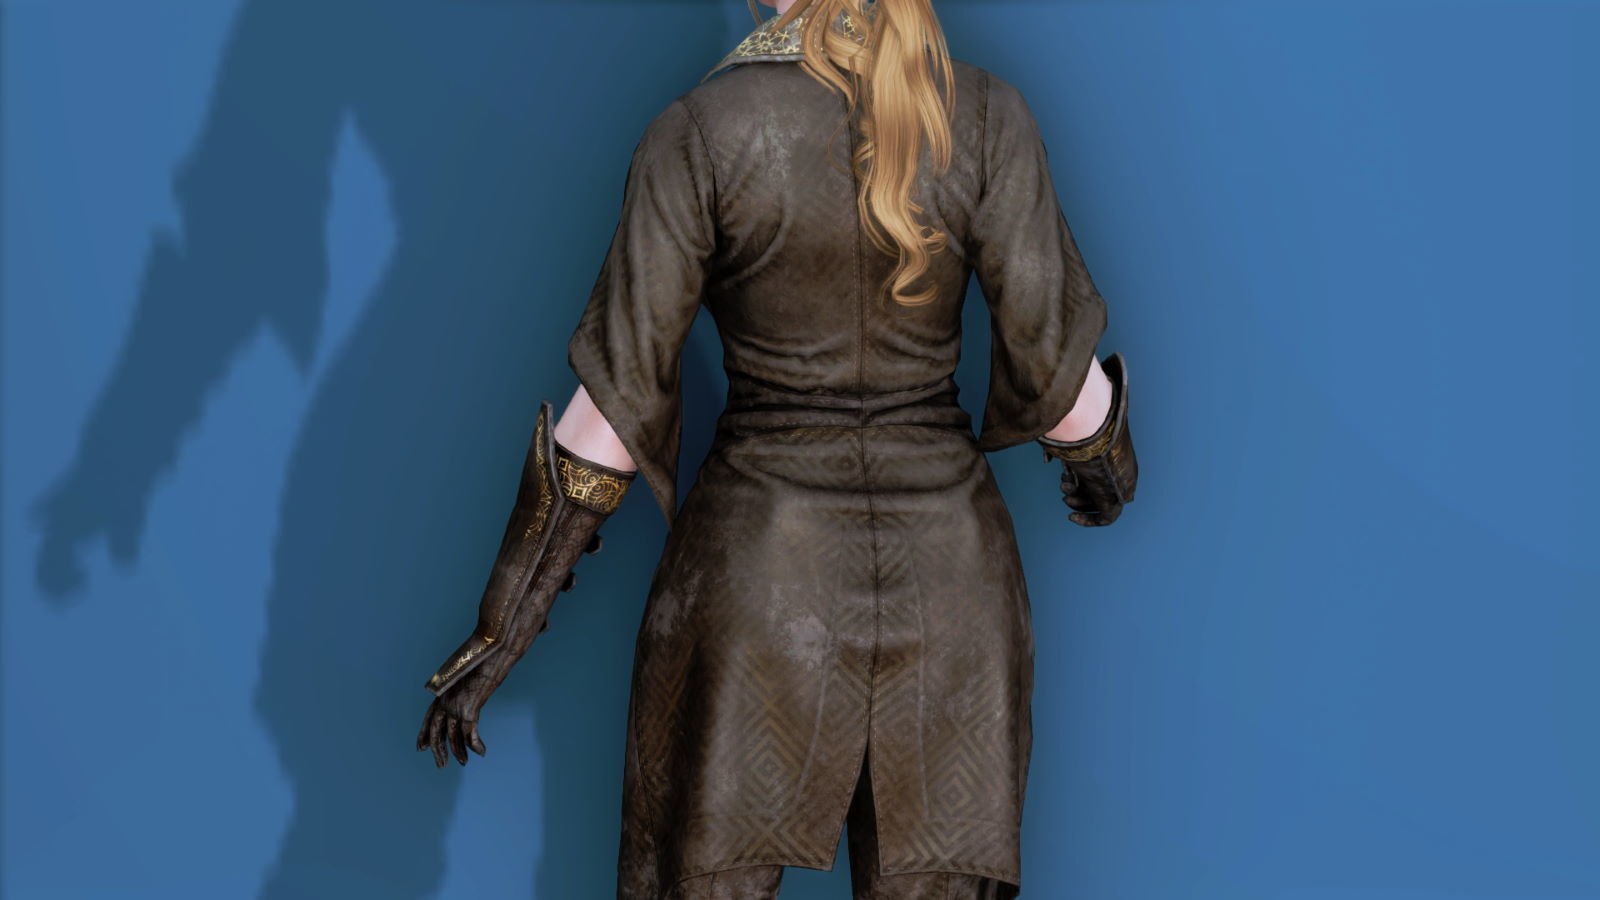 RuggedRogueSSE 323-1 Pose Up-Ba-F Overcoat W 1